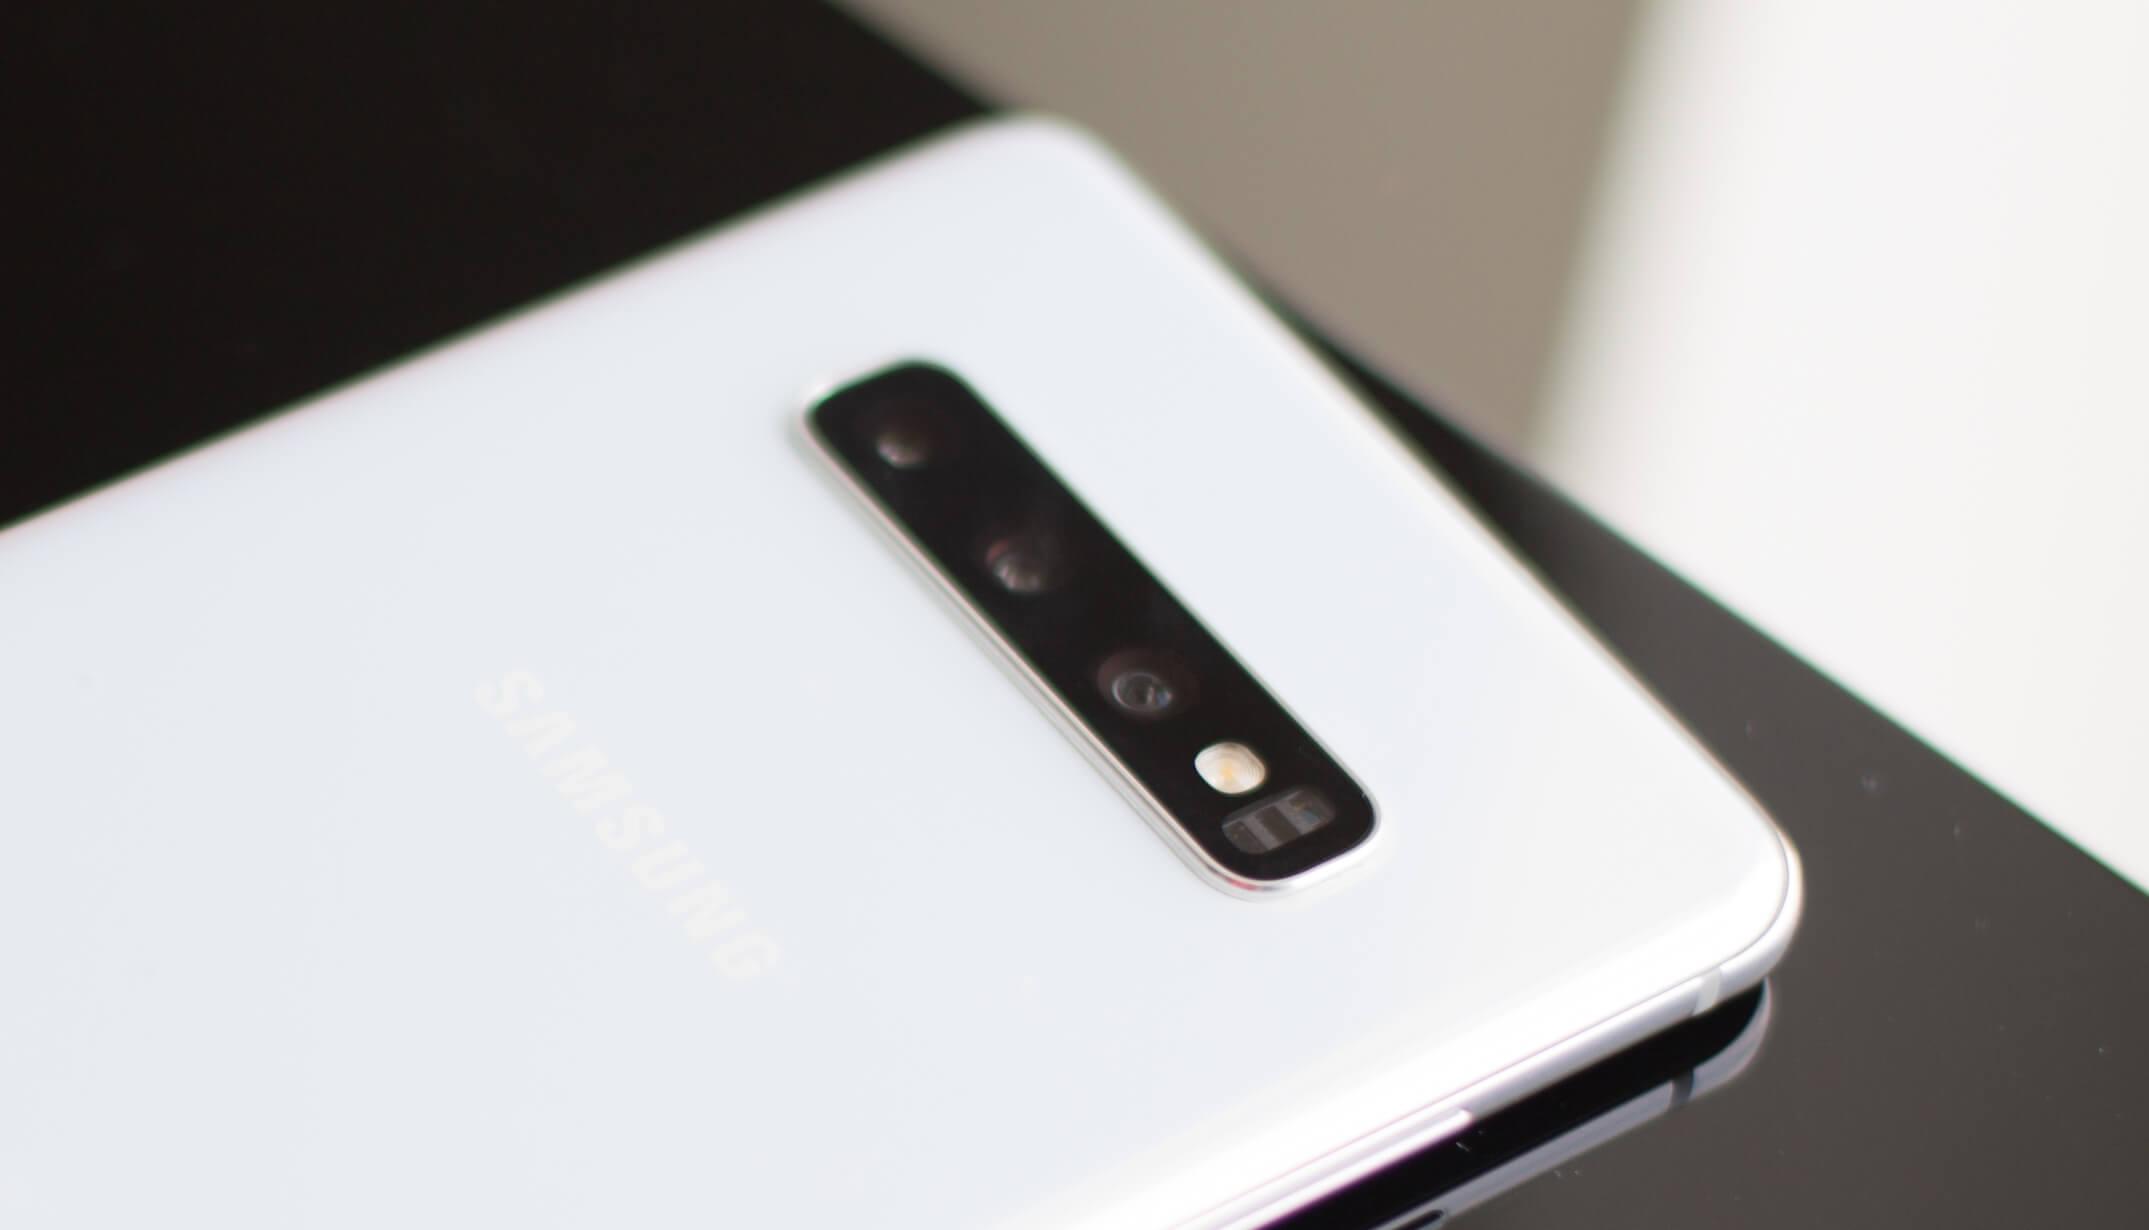 Подробный обзор и сравнение камер Galaxy S10